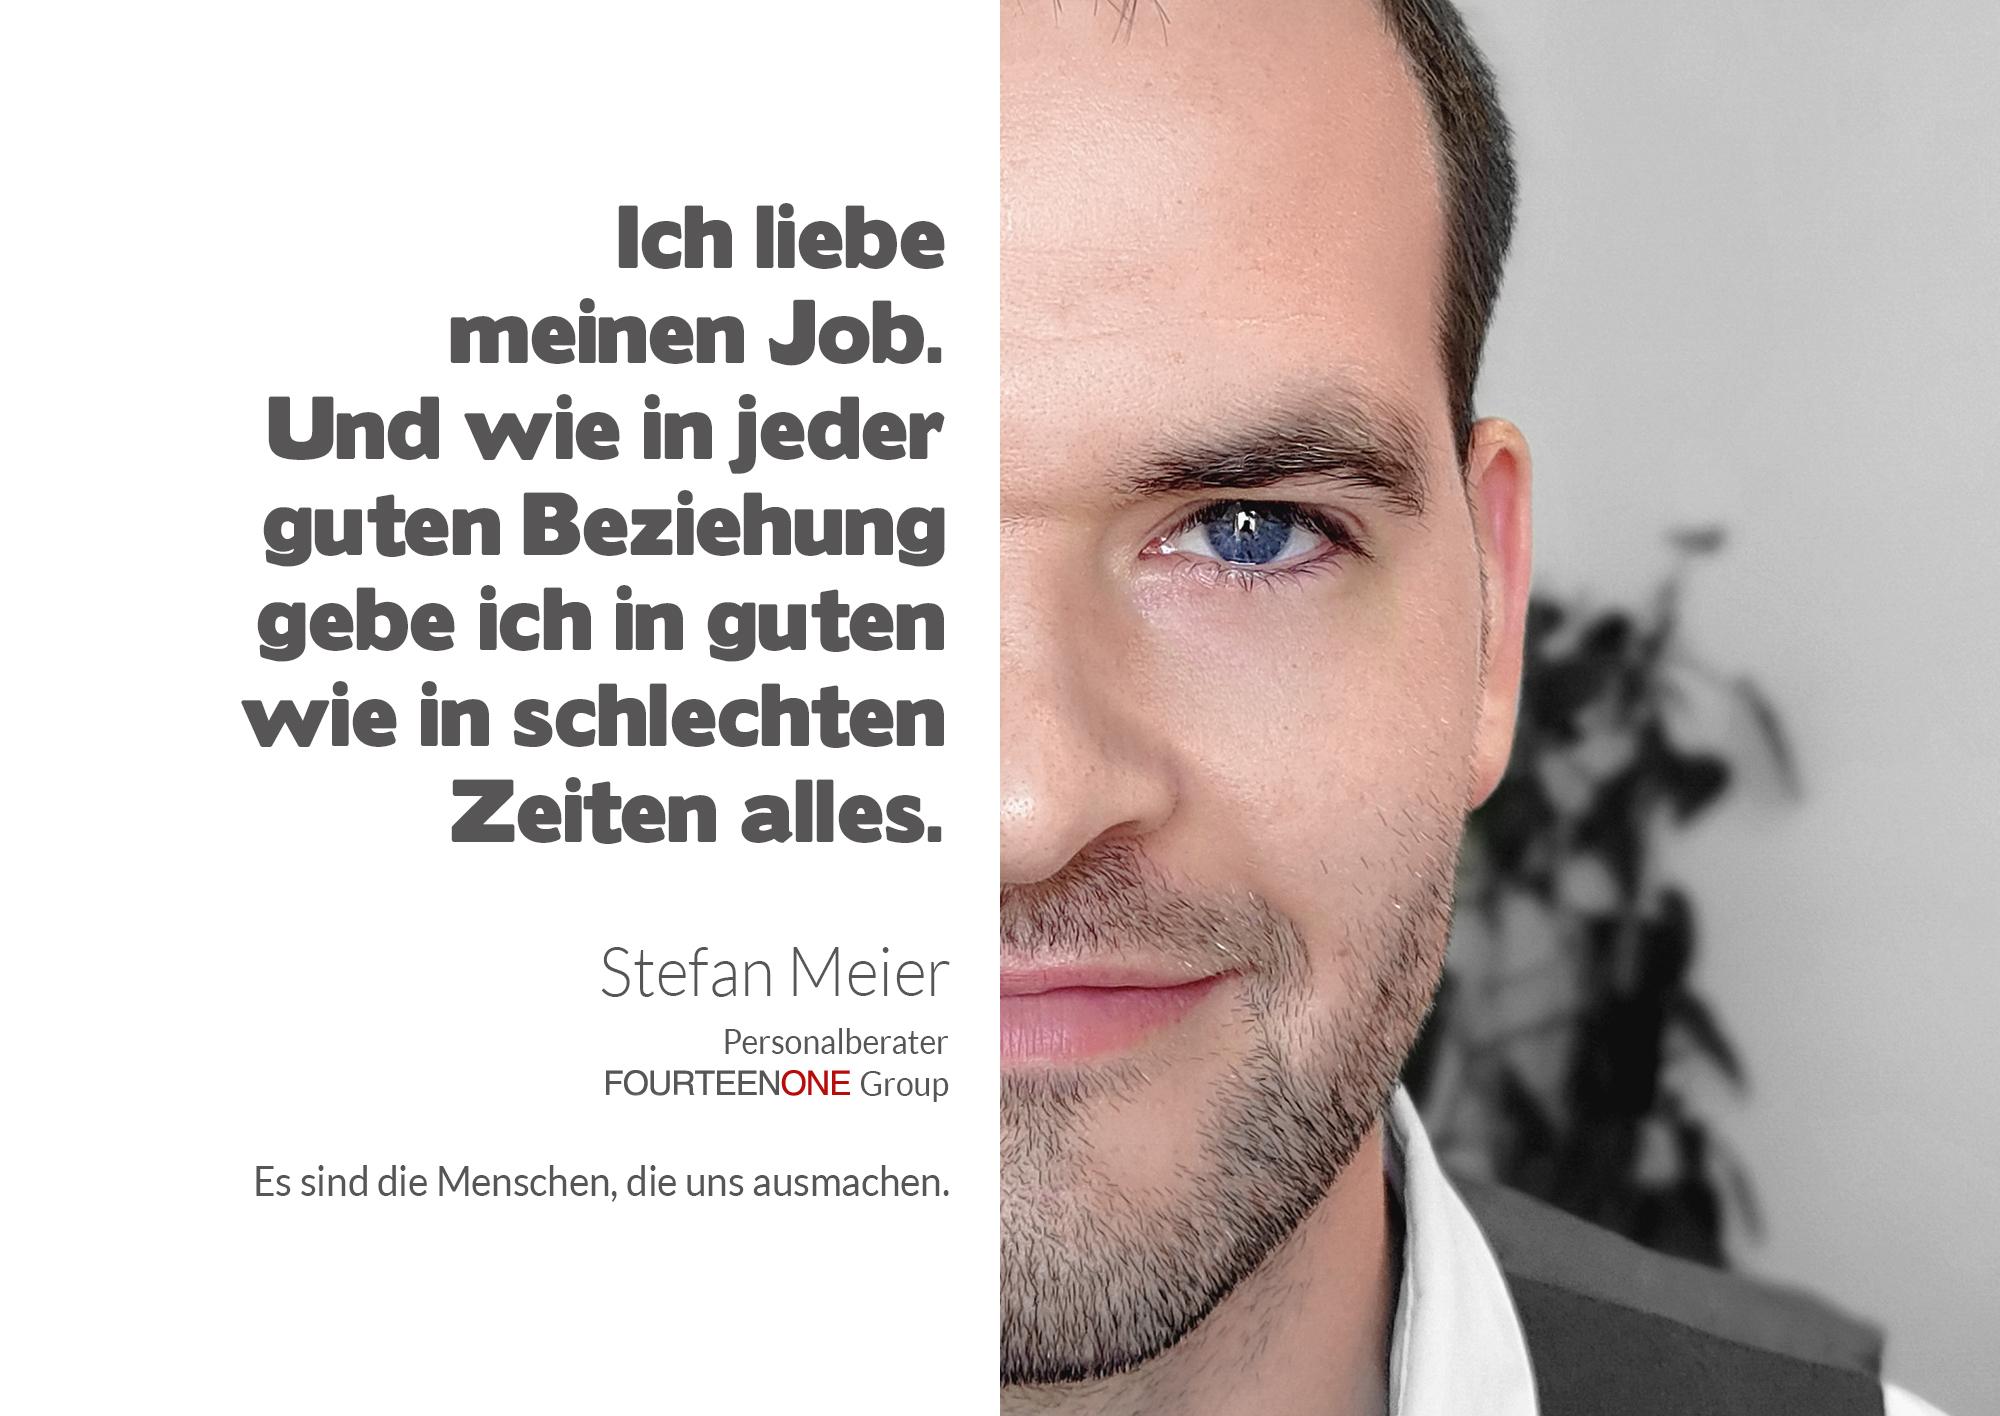 Stefan Meier - Gesichter der Fourteenone